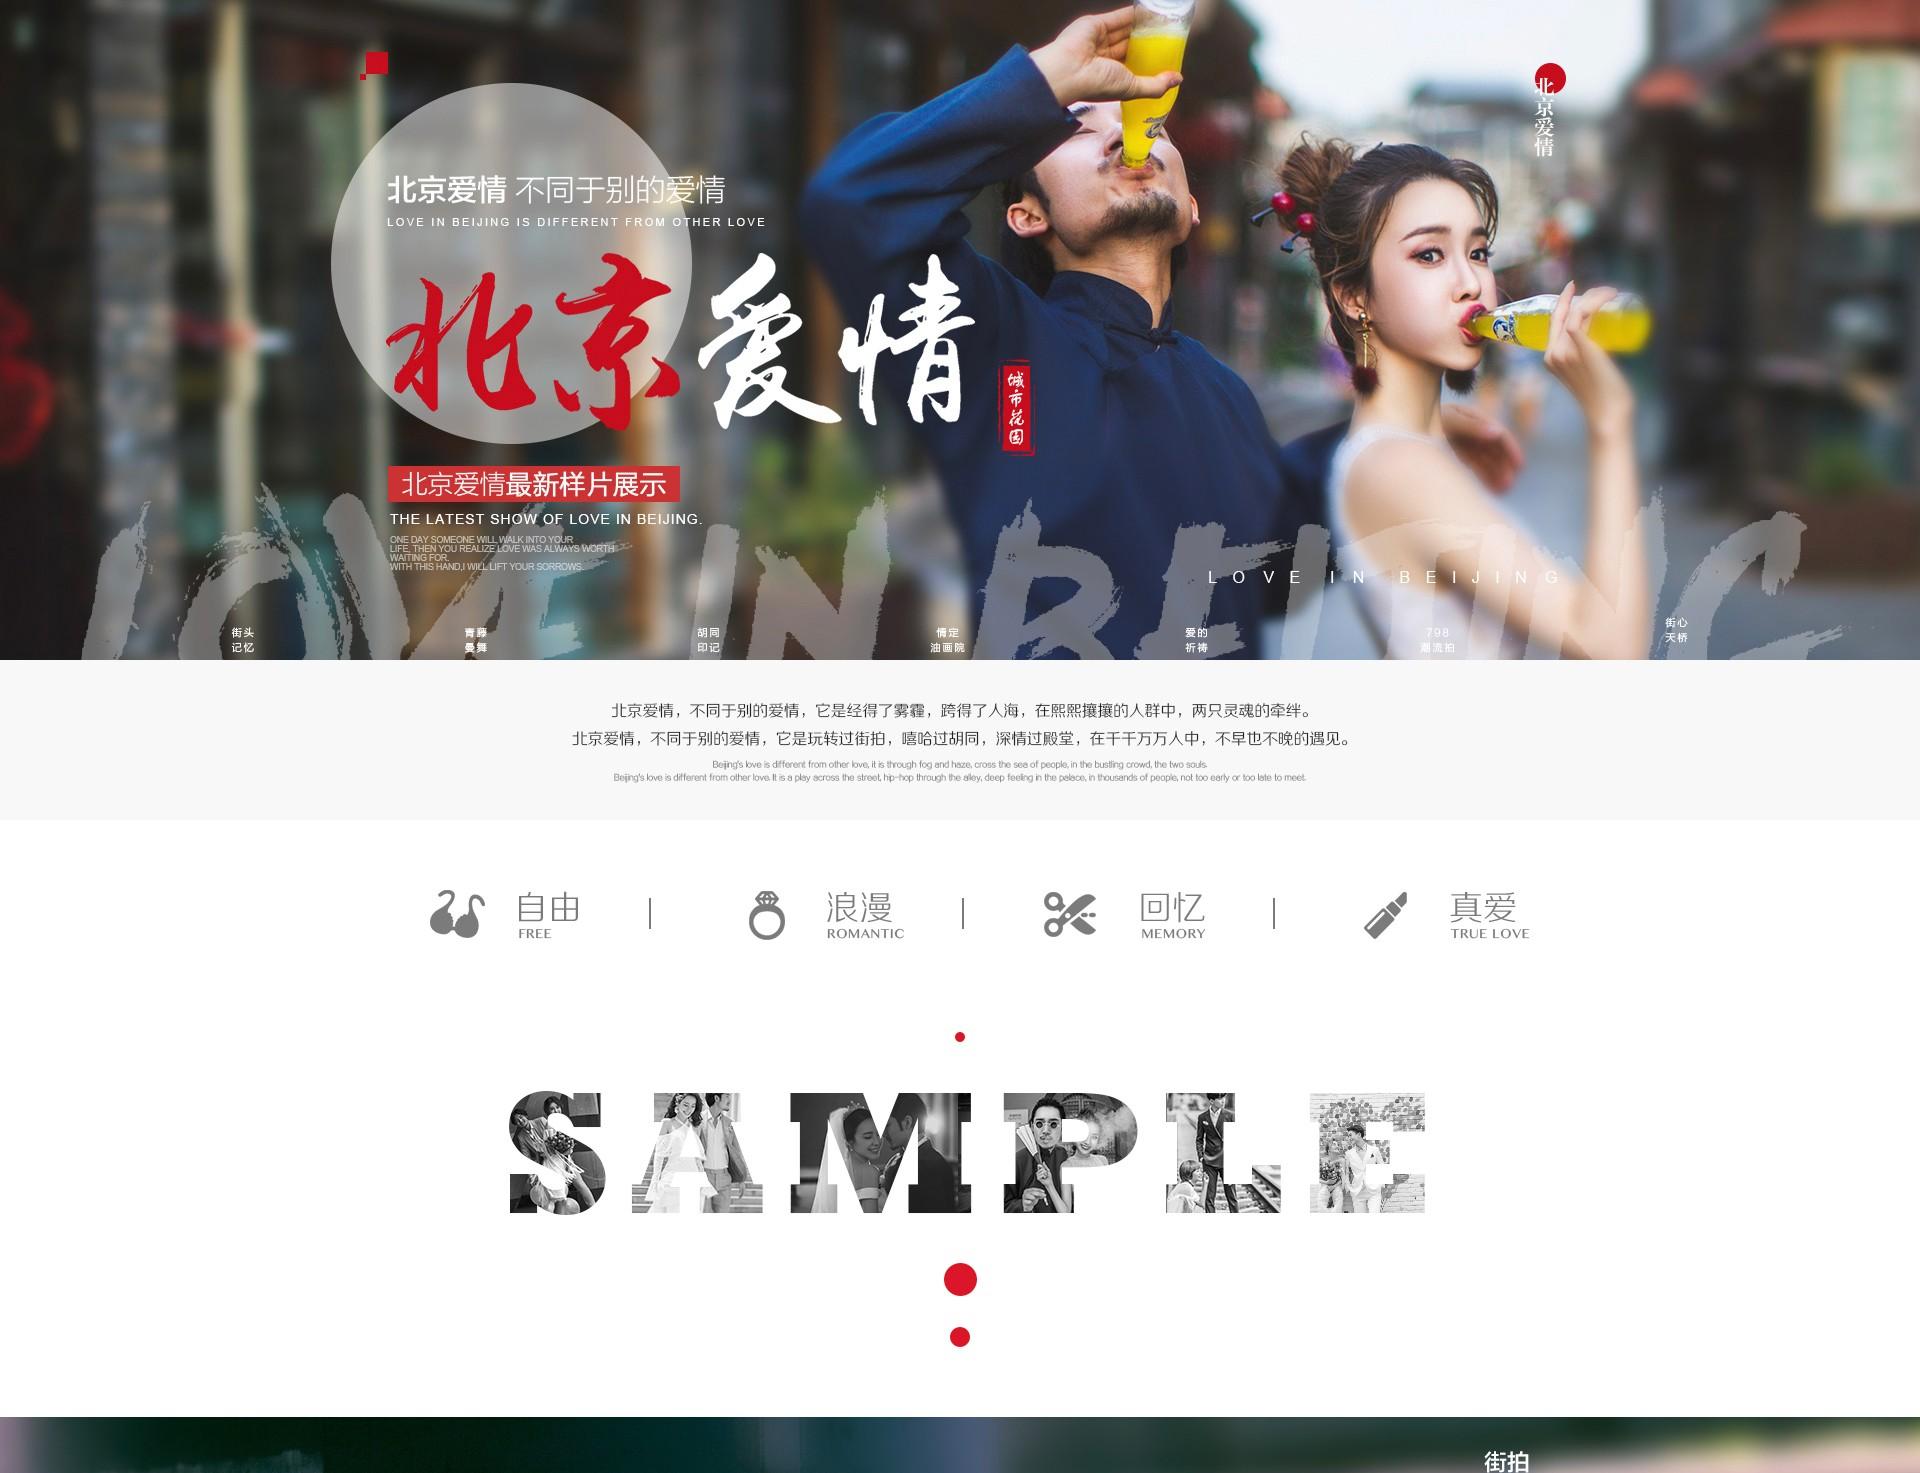 北京爱情长图-预览_01.jpg